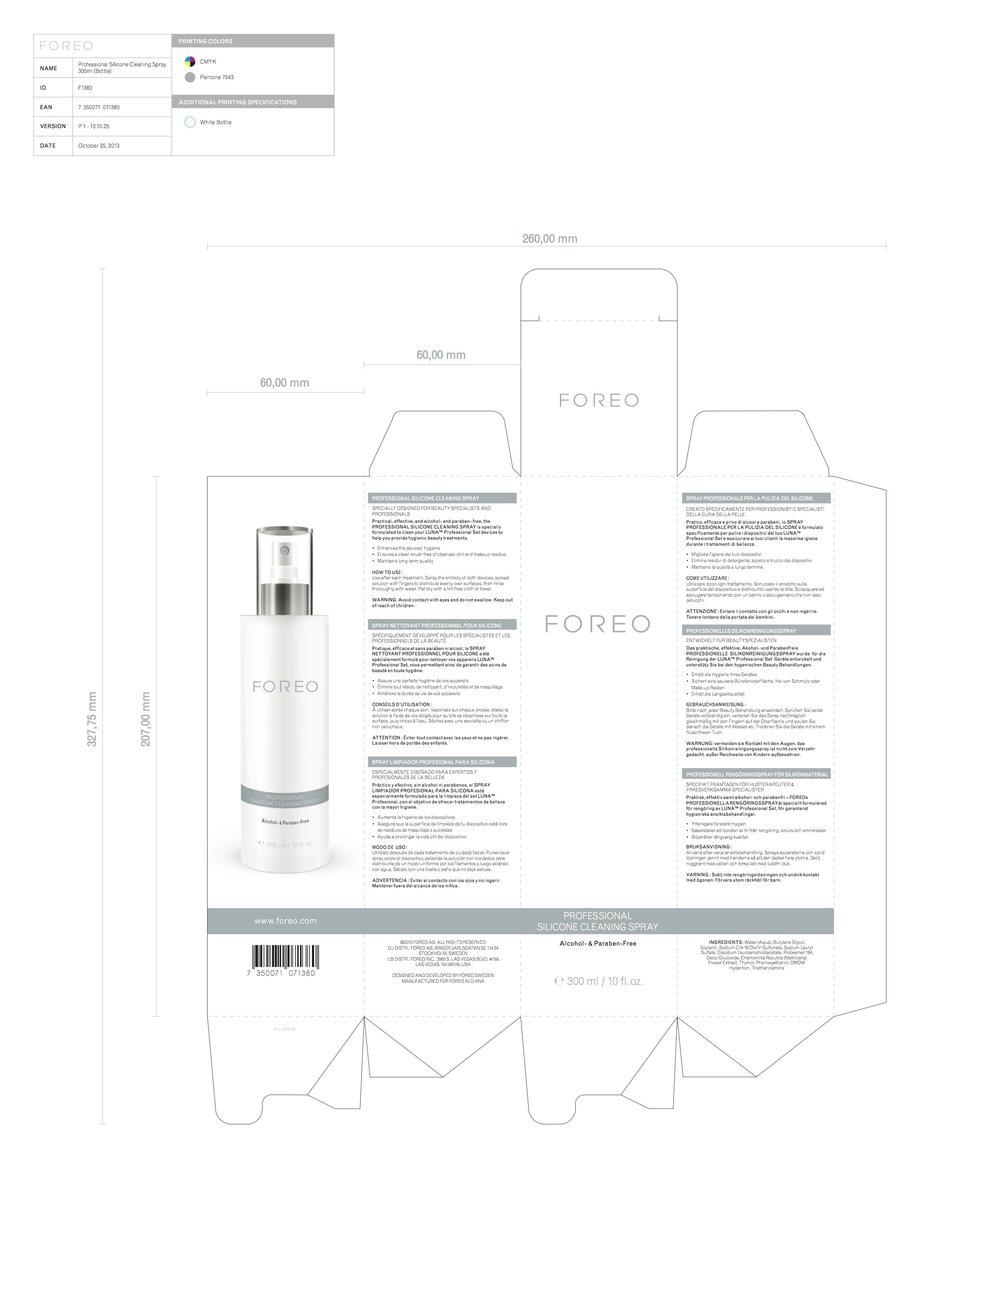 foreo_behance_packaging.jpg